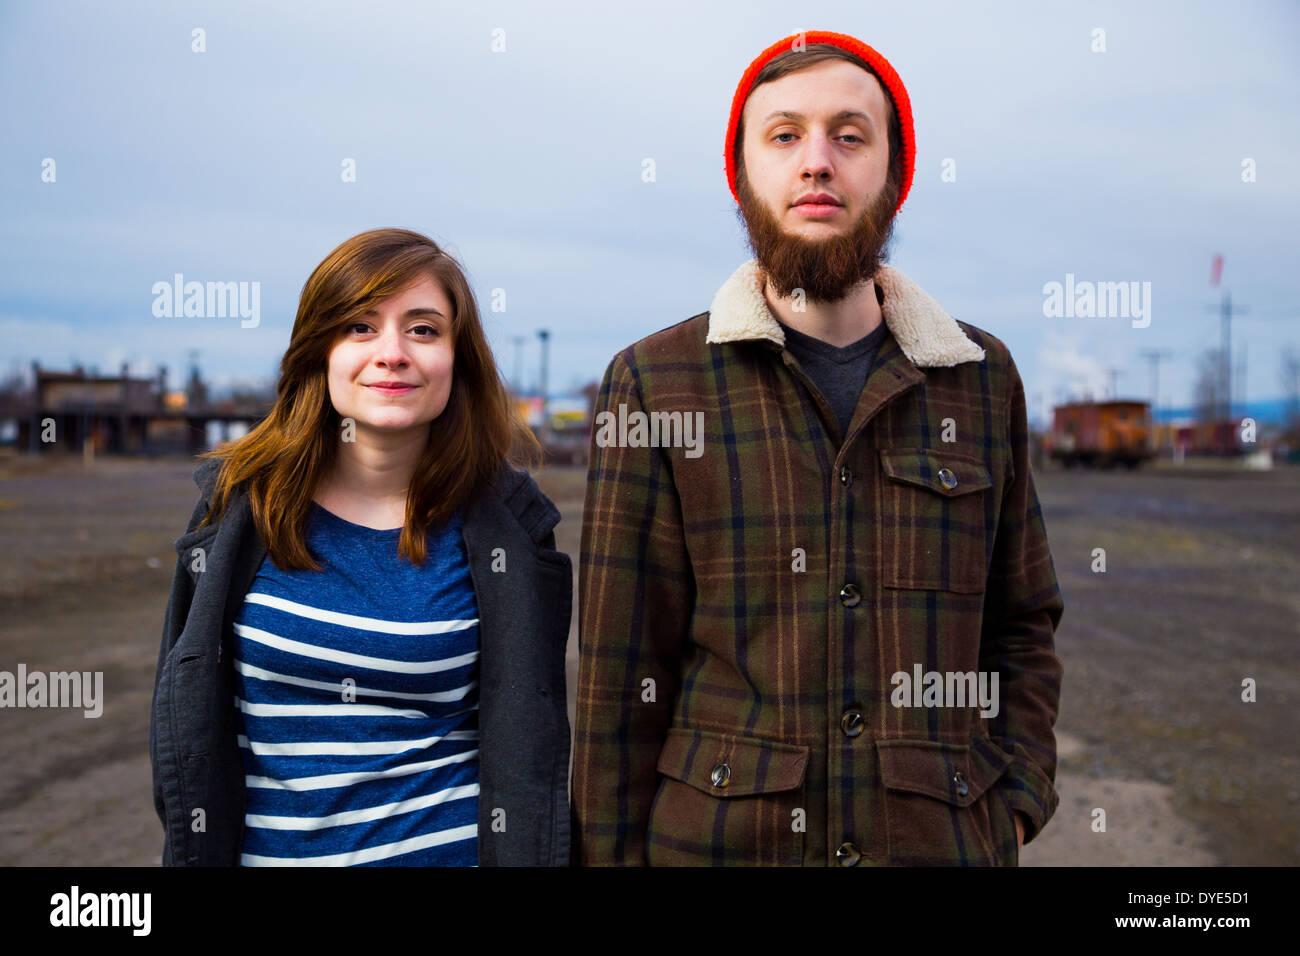 Hôtel moderne et branché, hipster couple dans une gare abandonnée au crépuscule dans ce style de mode portrait. Photo Stock